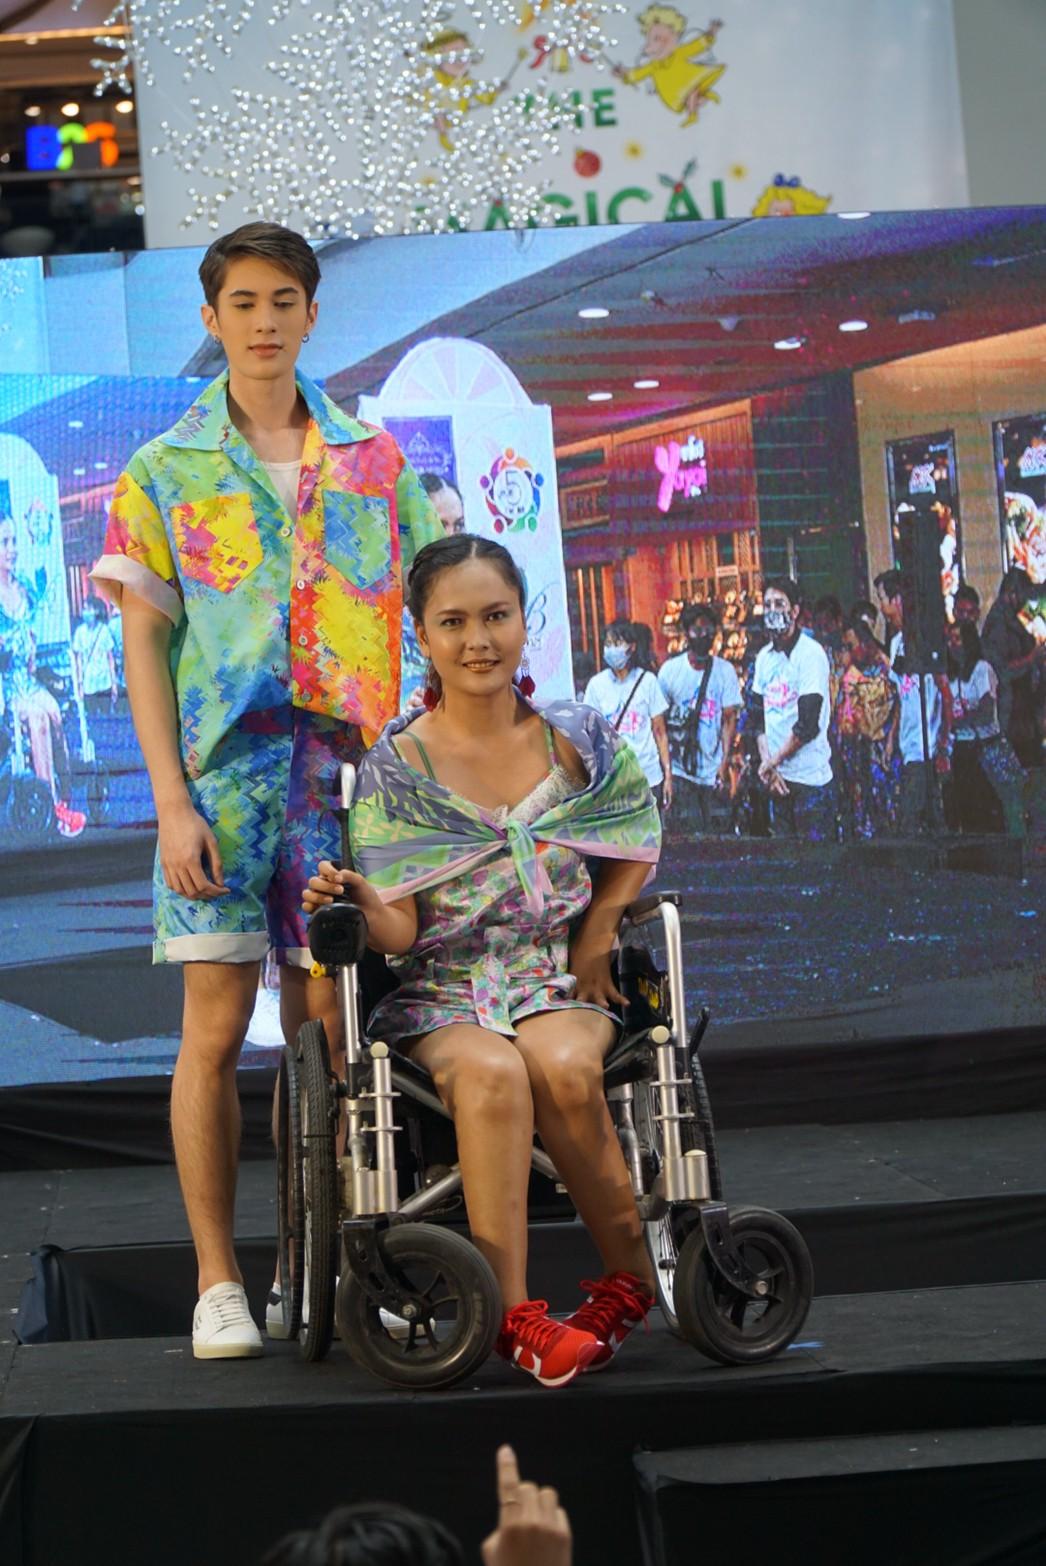 มูลนิธิ Five For All จัดกิจกรรม The Face of Ability ครั้งที่ 6 เพื่อคนพิการทุกประเภท